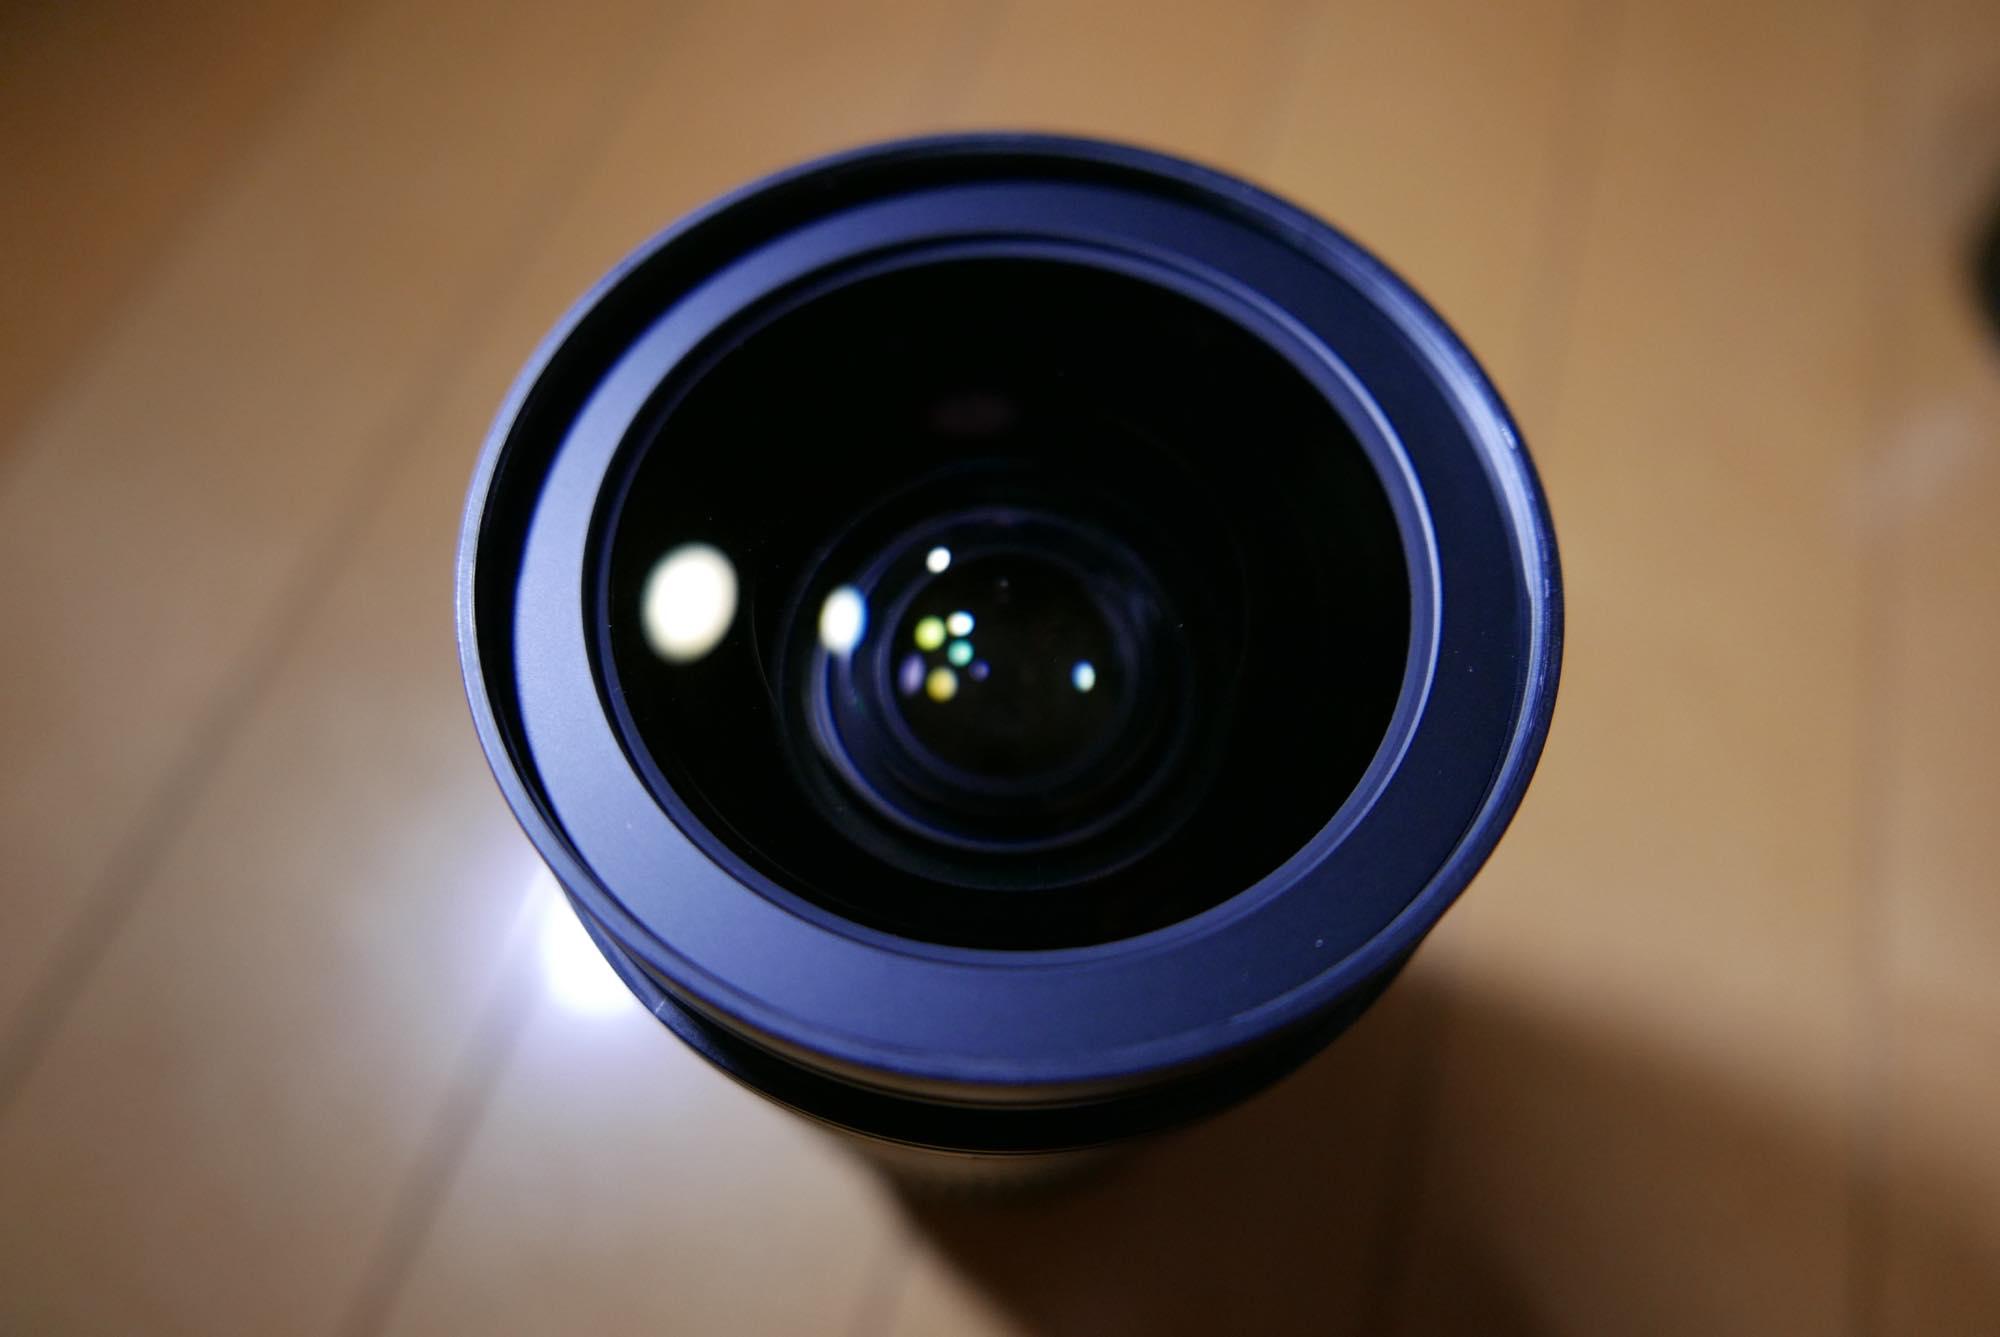 NIKKOR 24-70mm f/2.8E ED 大口径